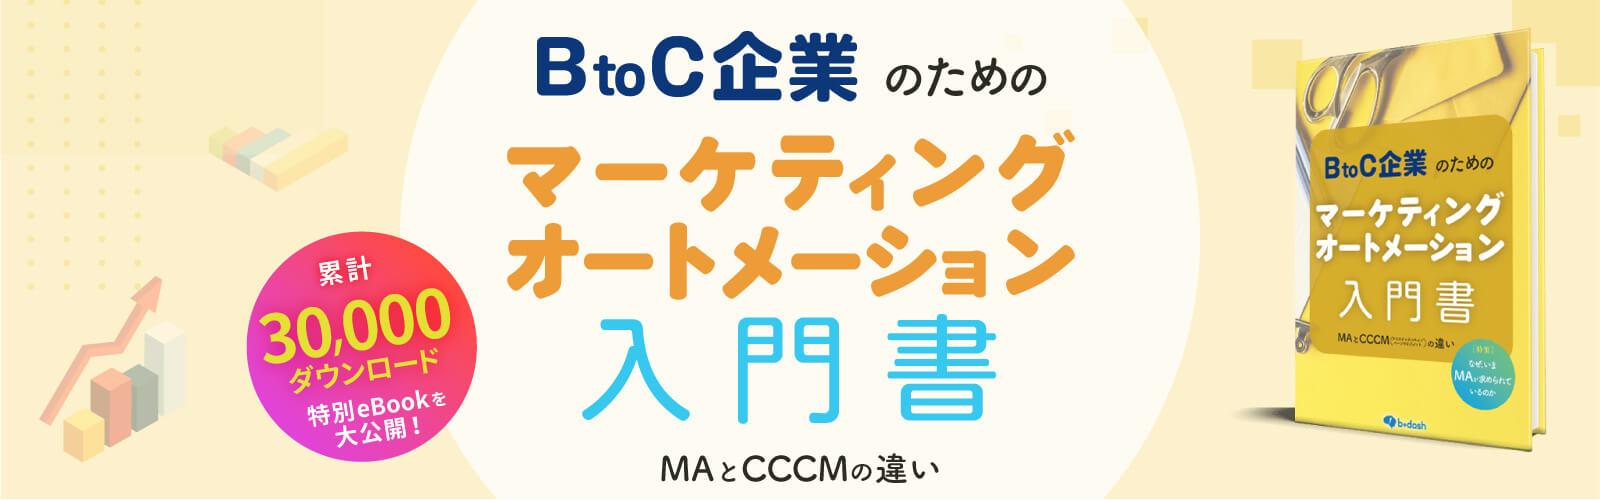 BtoC企業のためのMA入門書